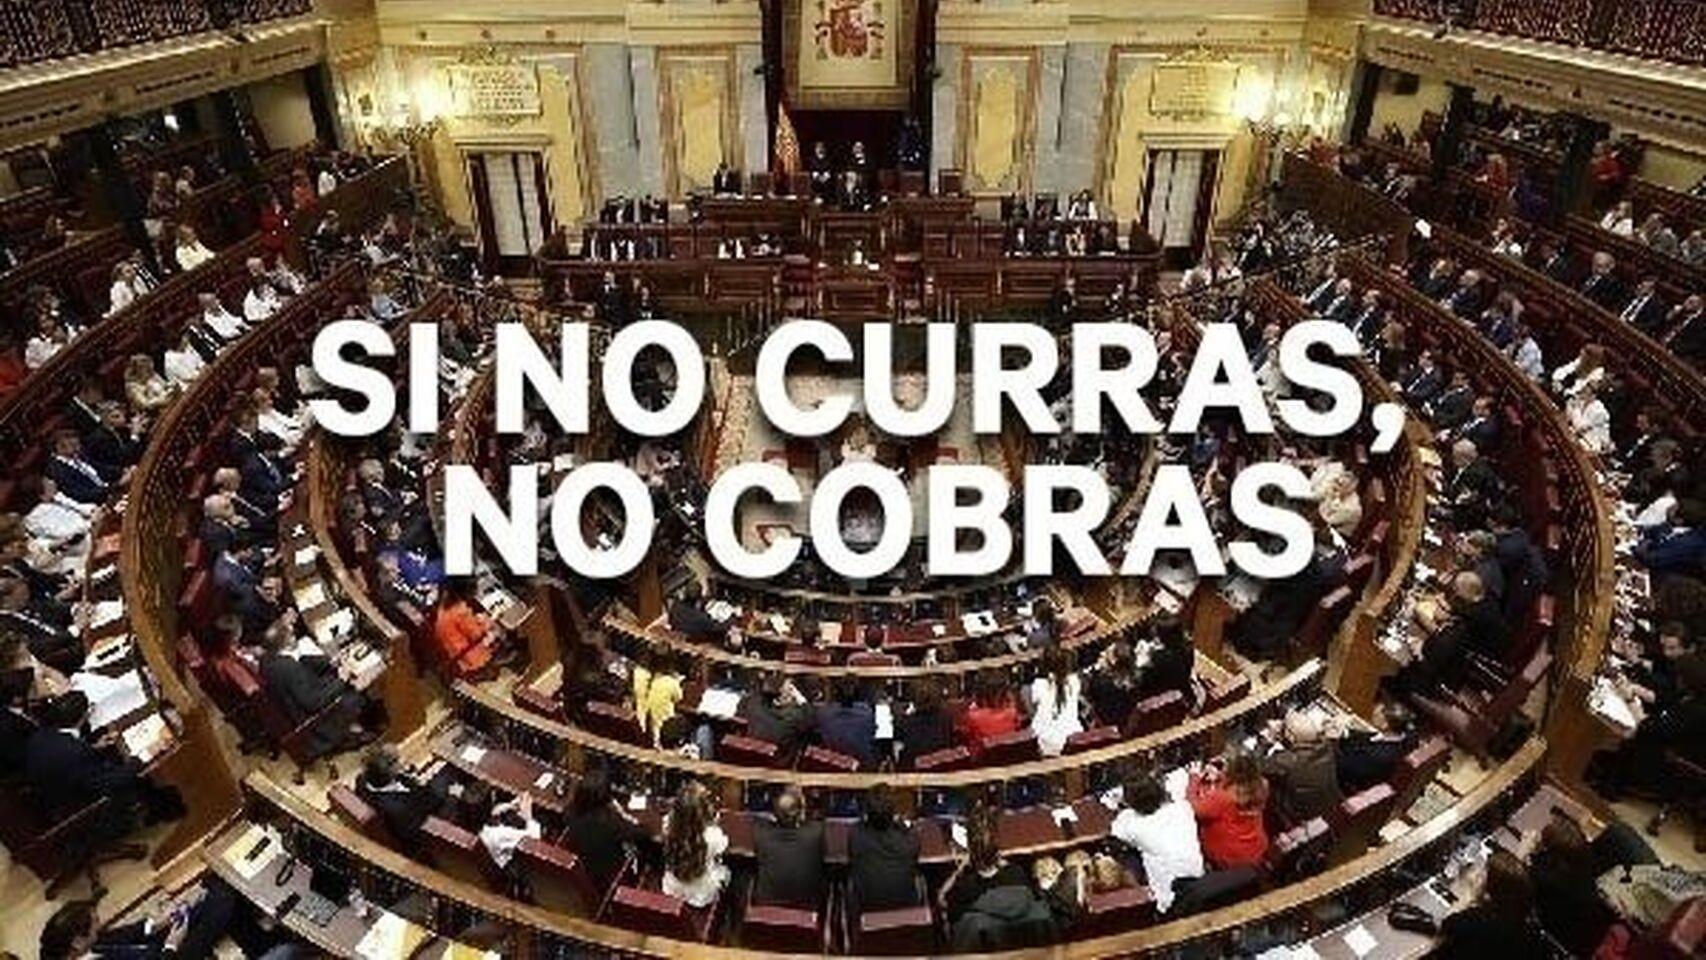 Campaña 'Si no curras, no cobras' dirigida a los diputados del Congreso